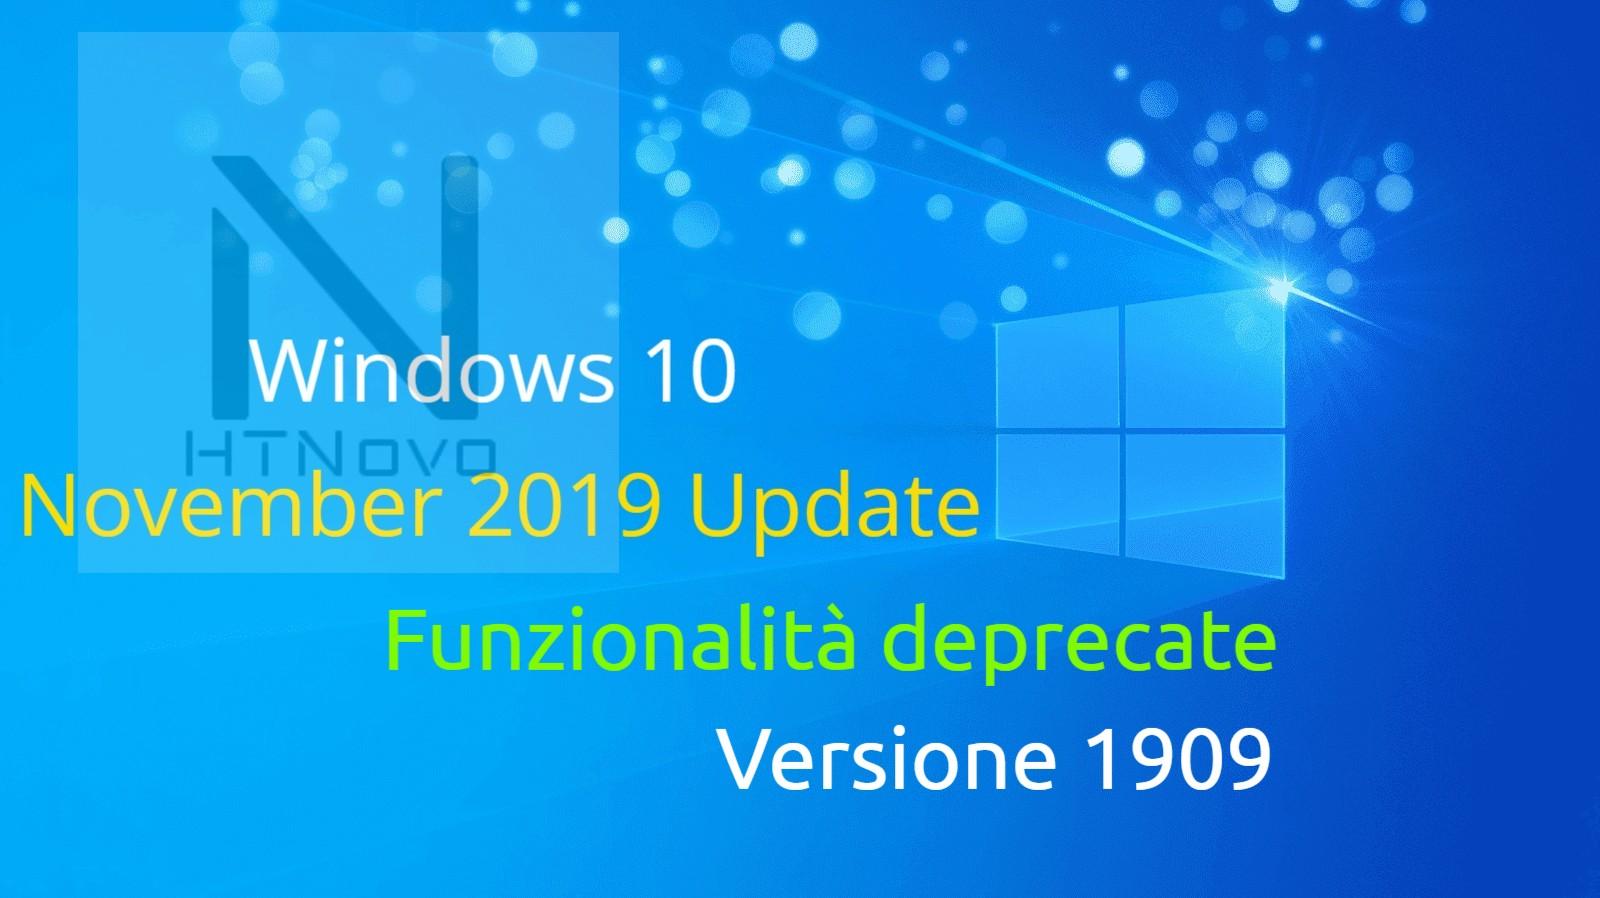 Funzionalità deprecate in Windows 10 Versione 1909